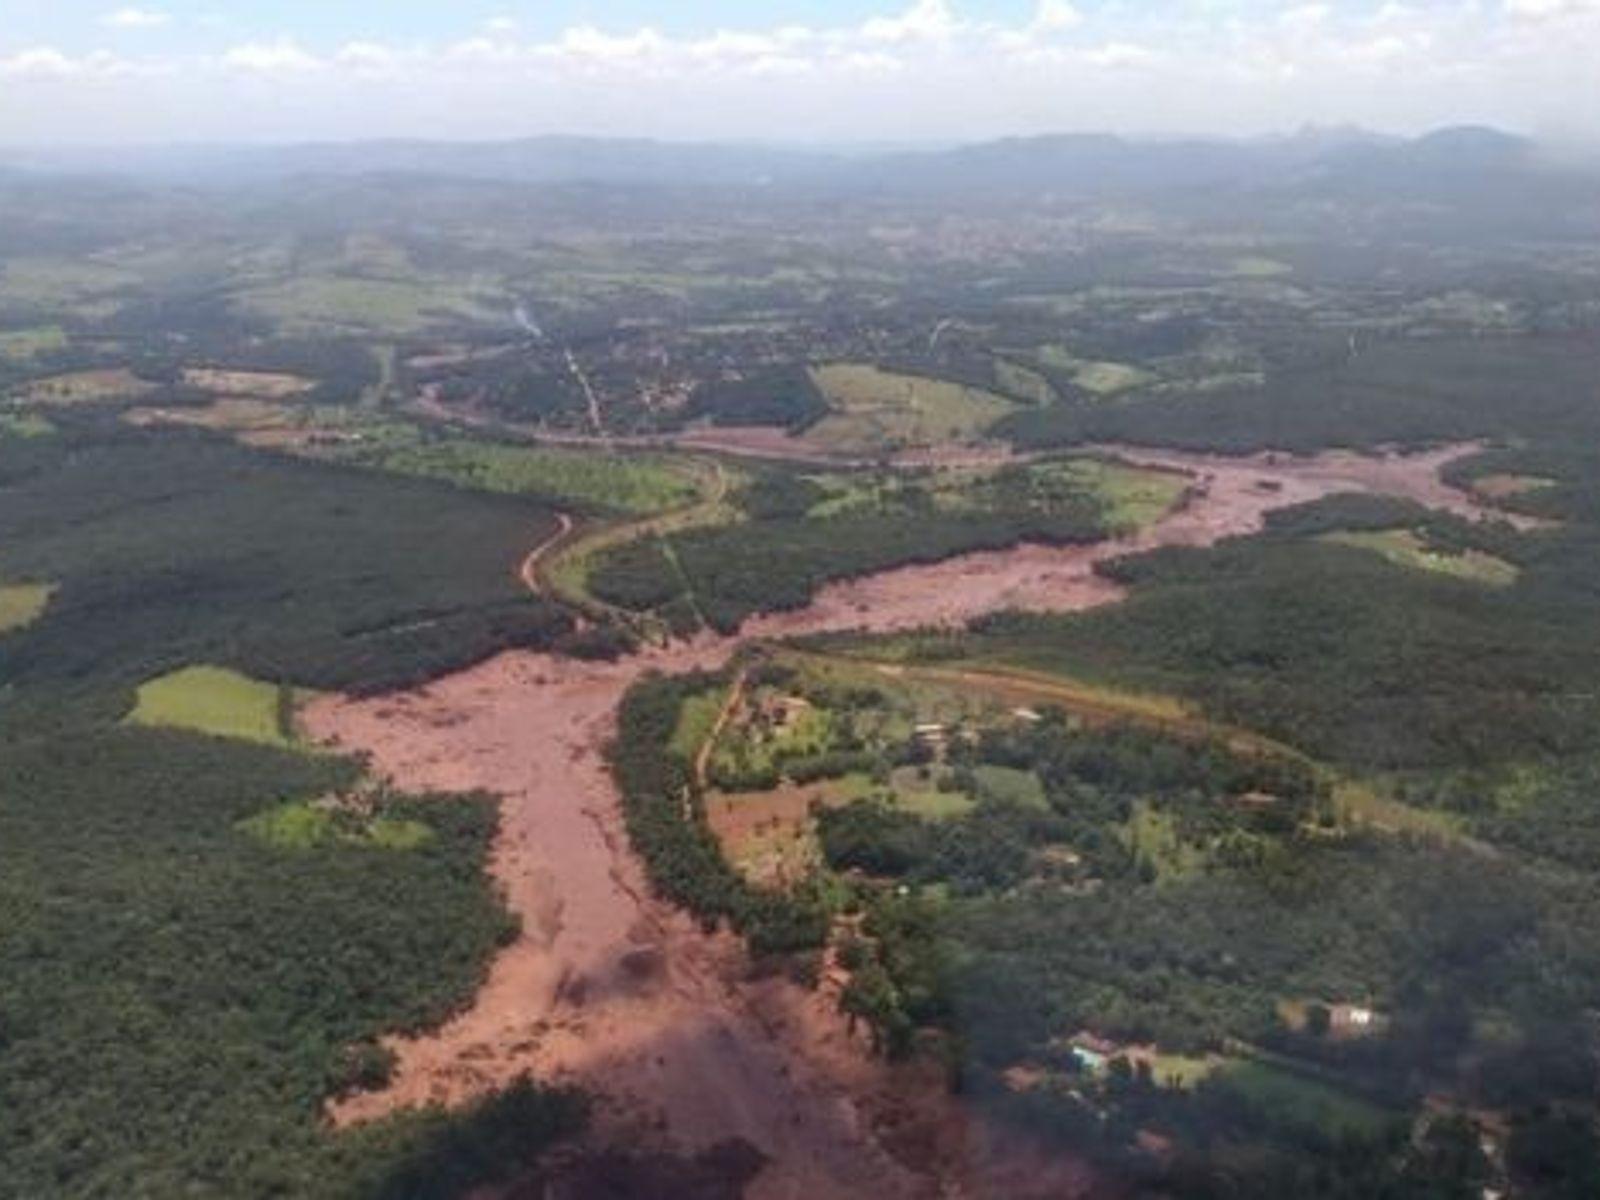 Foto tirada por equipe de Bombeiros de Minas Gerais